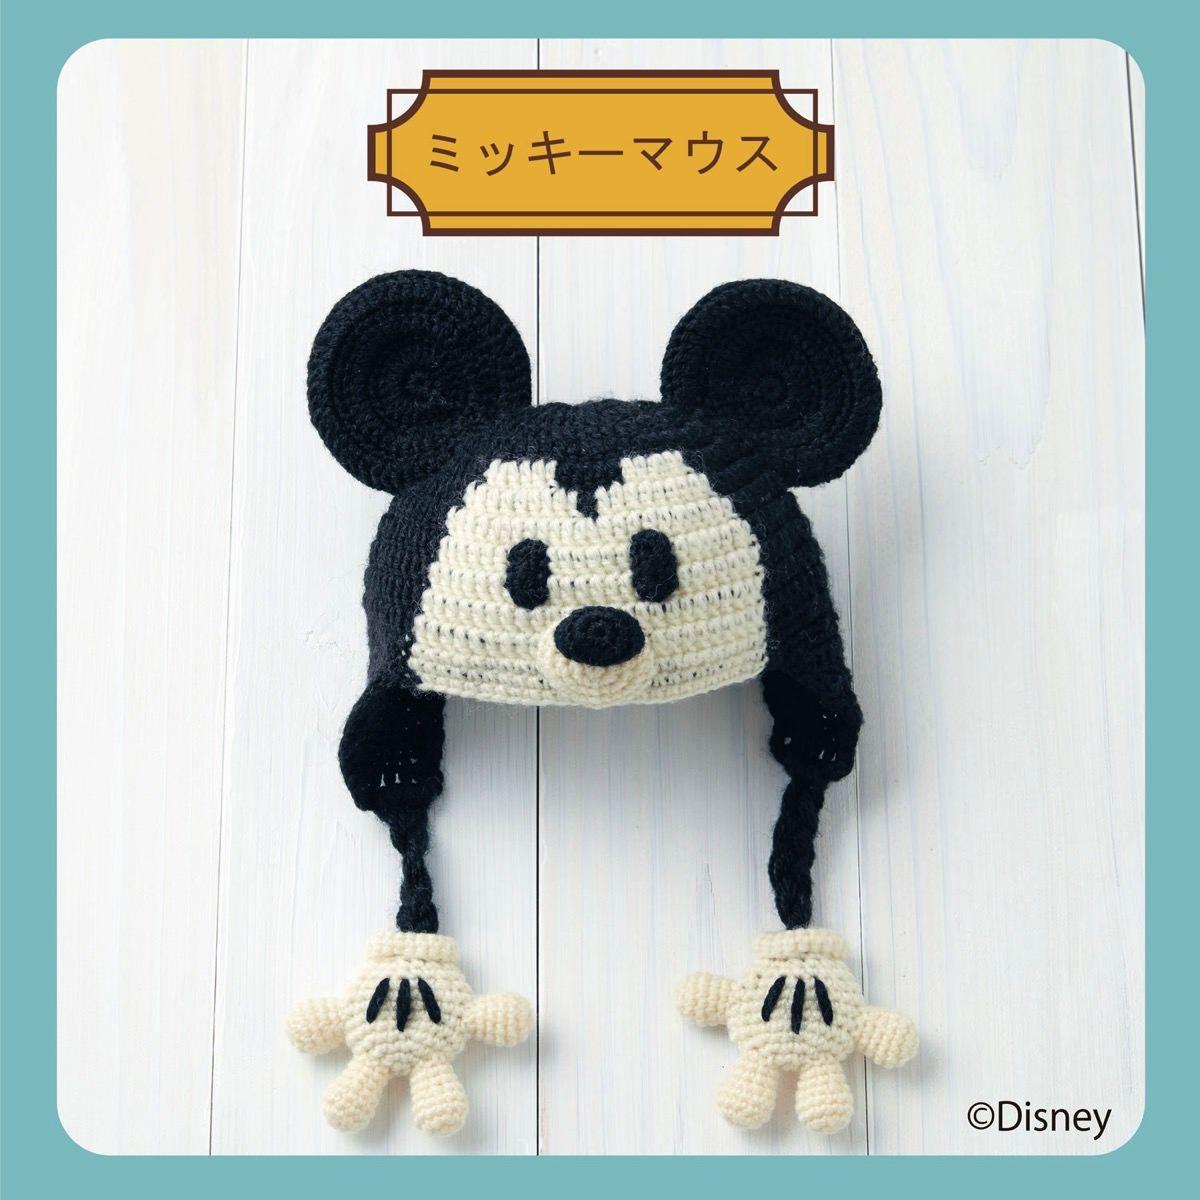 ディズニーキャラクターになりきり ベルメゾン ママが手作り なりきりニット帽手作りキット ミッキーマウス ディズニーかぎ針編みの編み図 手作り ニット帽 編み 図